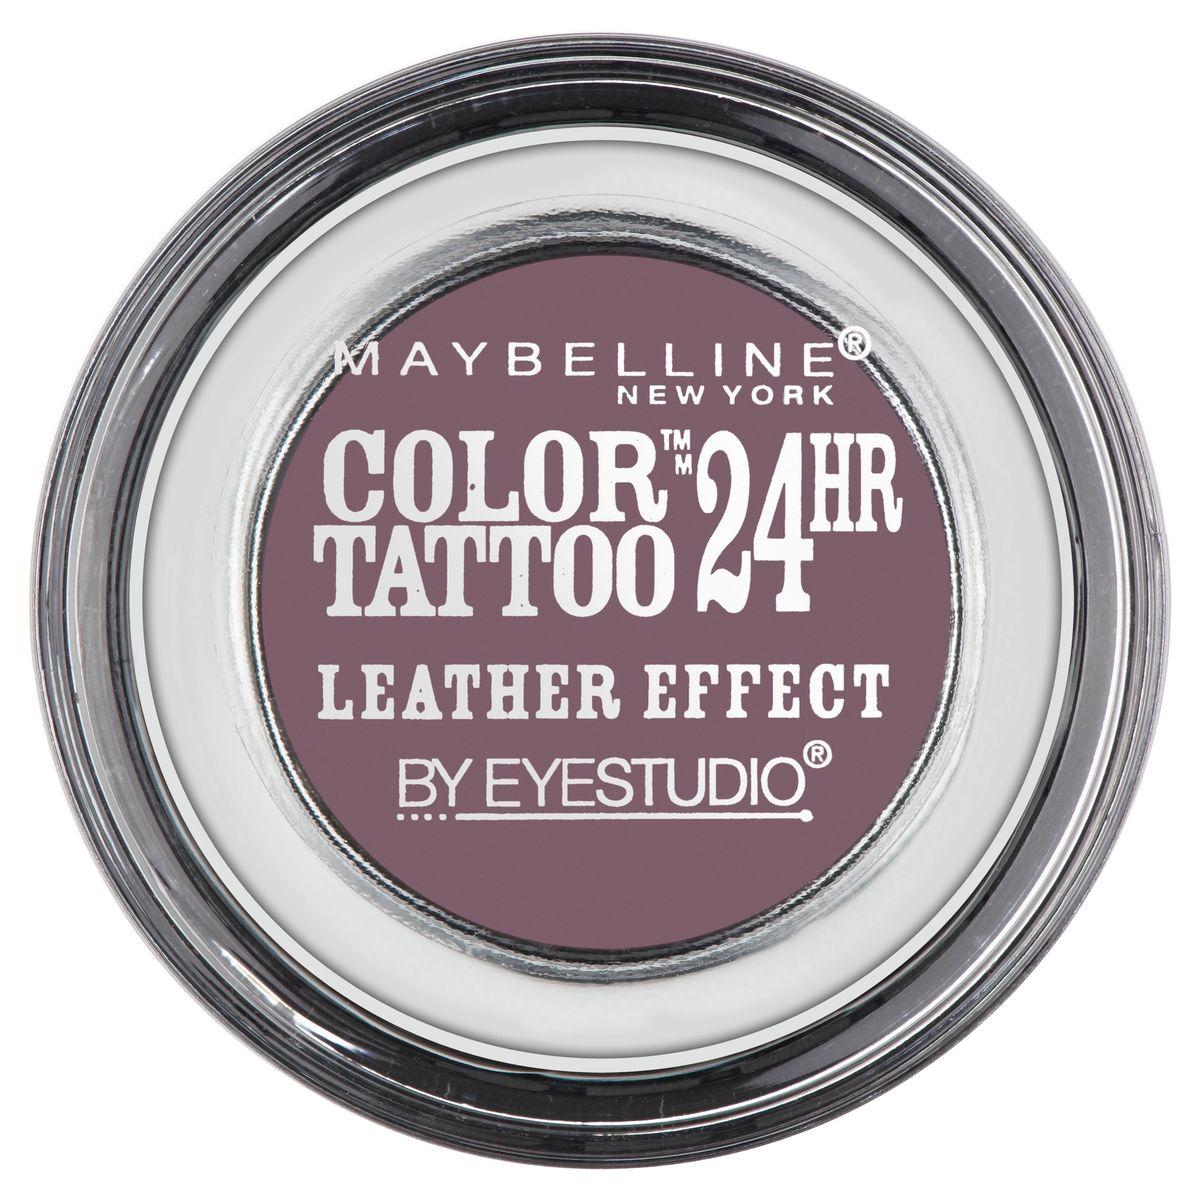 Maybelline New York Тени для век Color Tattoo, оттенок 97, Сливовый десерт, 4 млB2439701Технология тату-пигментов создает яркий, супернасыщенный цвет. Крем-гелевая текстура обеспечивает ультралегкое нанесение и стойкость на 24 часа.